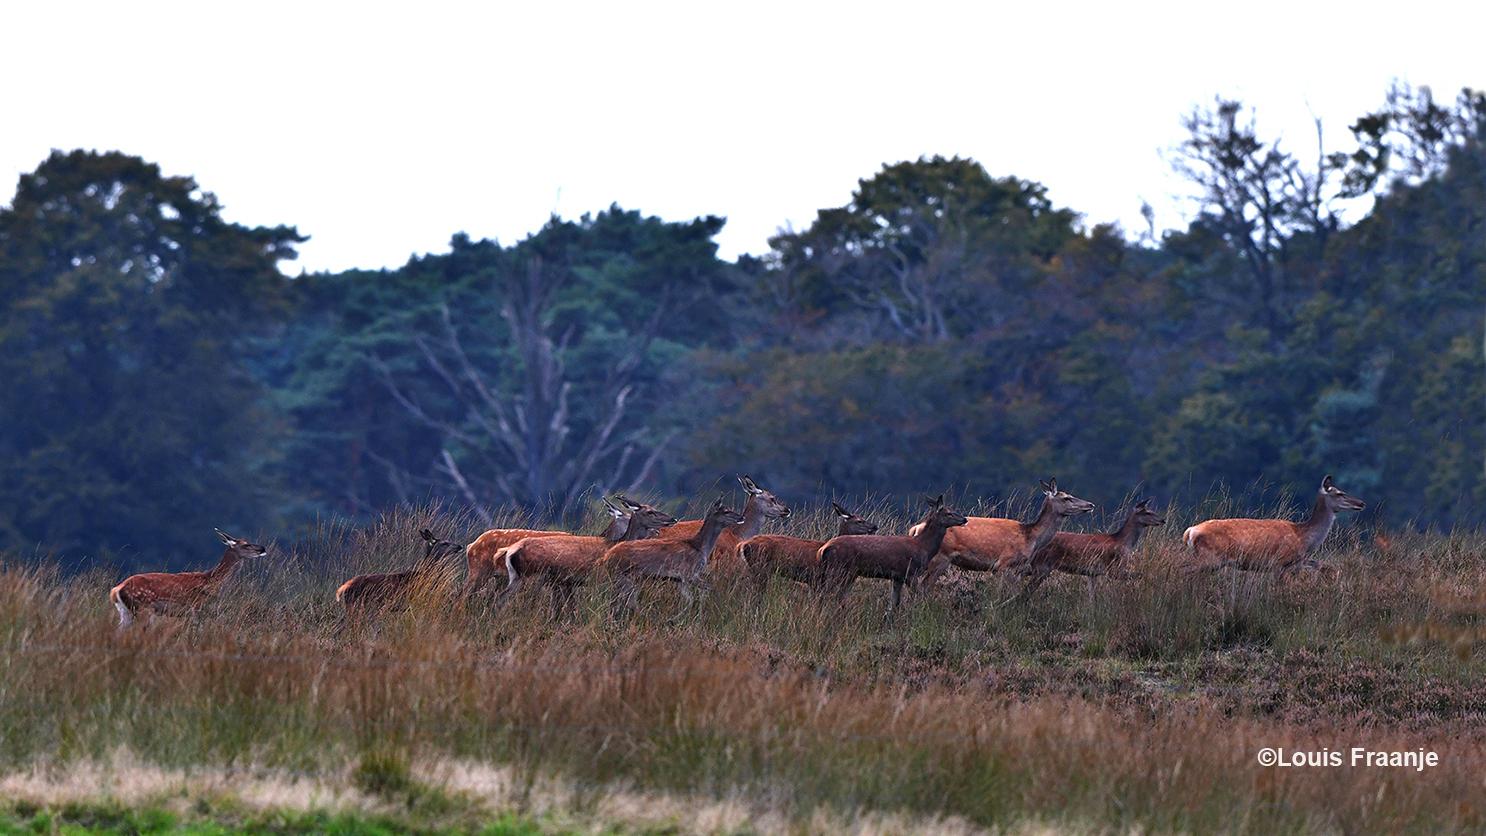 De leidhinde wordt op de voet gevolgd door een tiental stuks kaalwild - Foto: ©Louis Fraanje